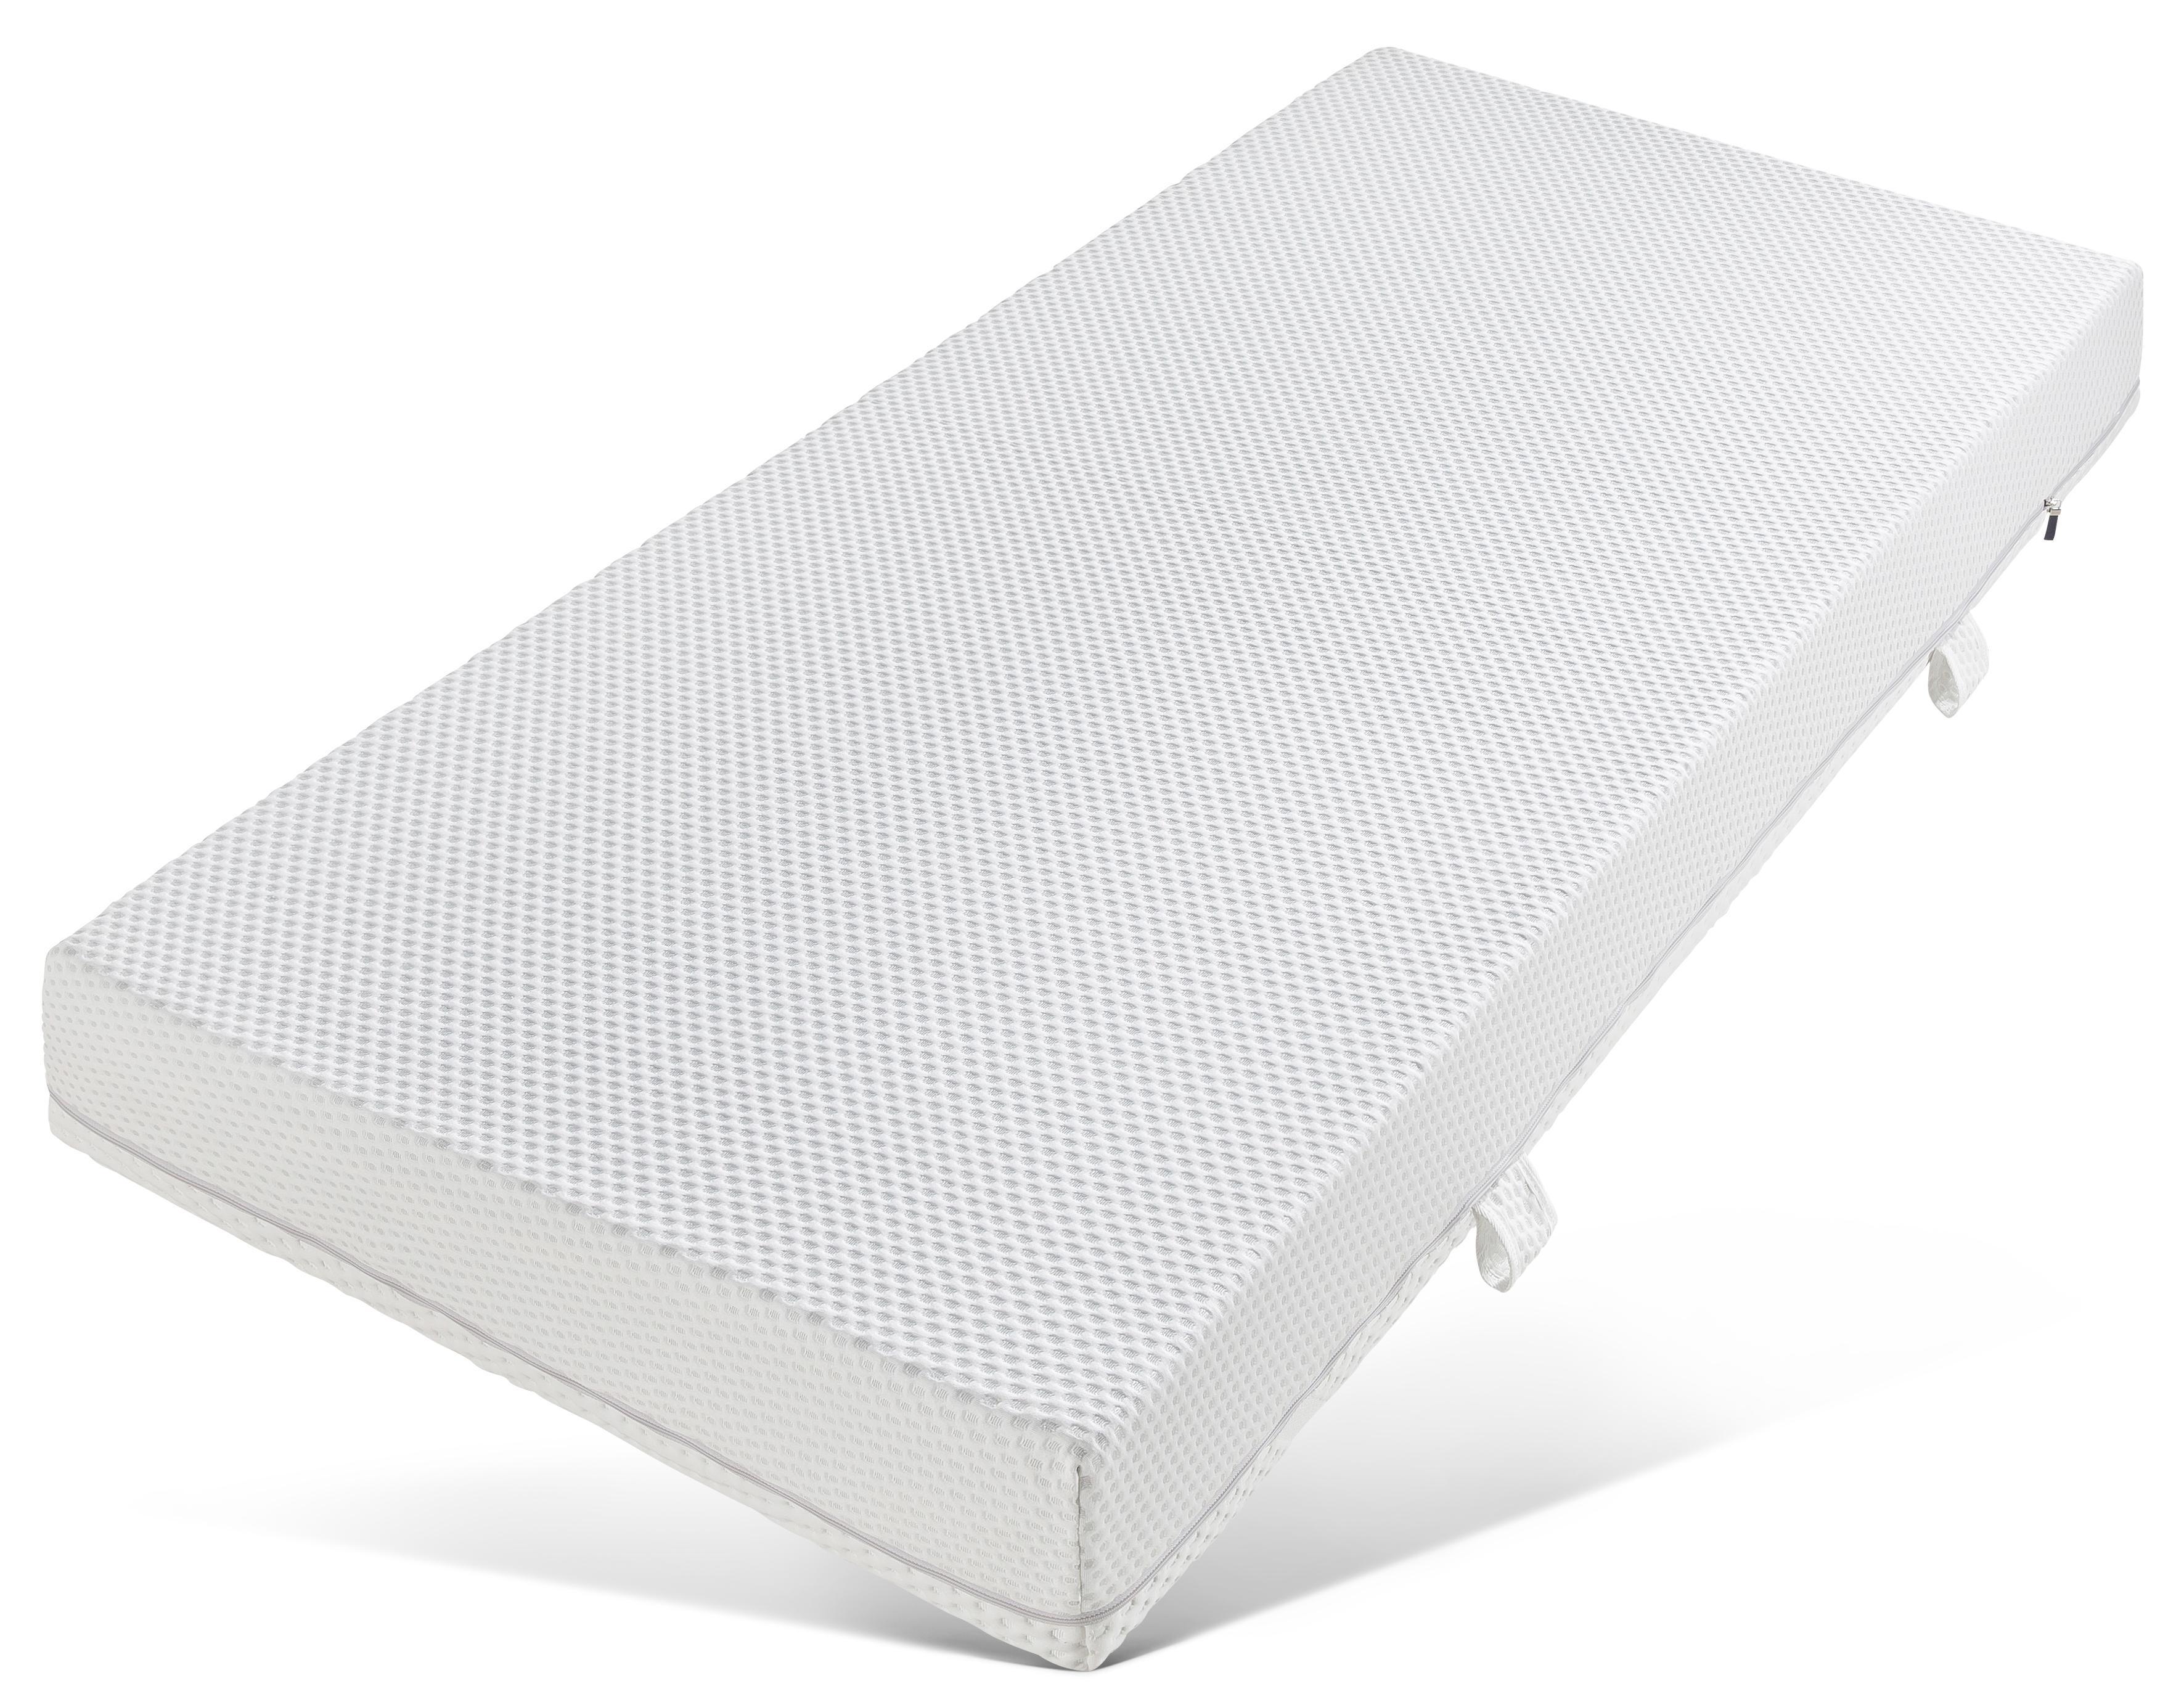 Komfortschaummatratze GEL STYLE 2200 Hemafa 22 cm hoch